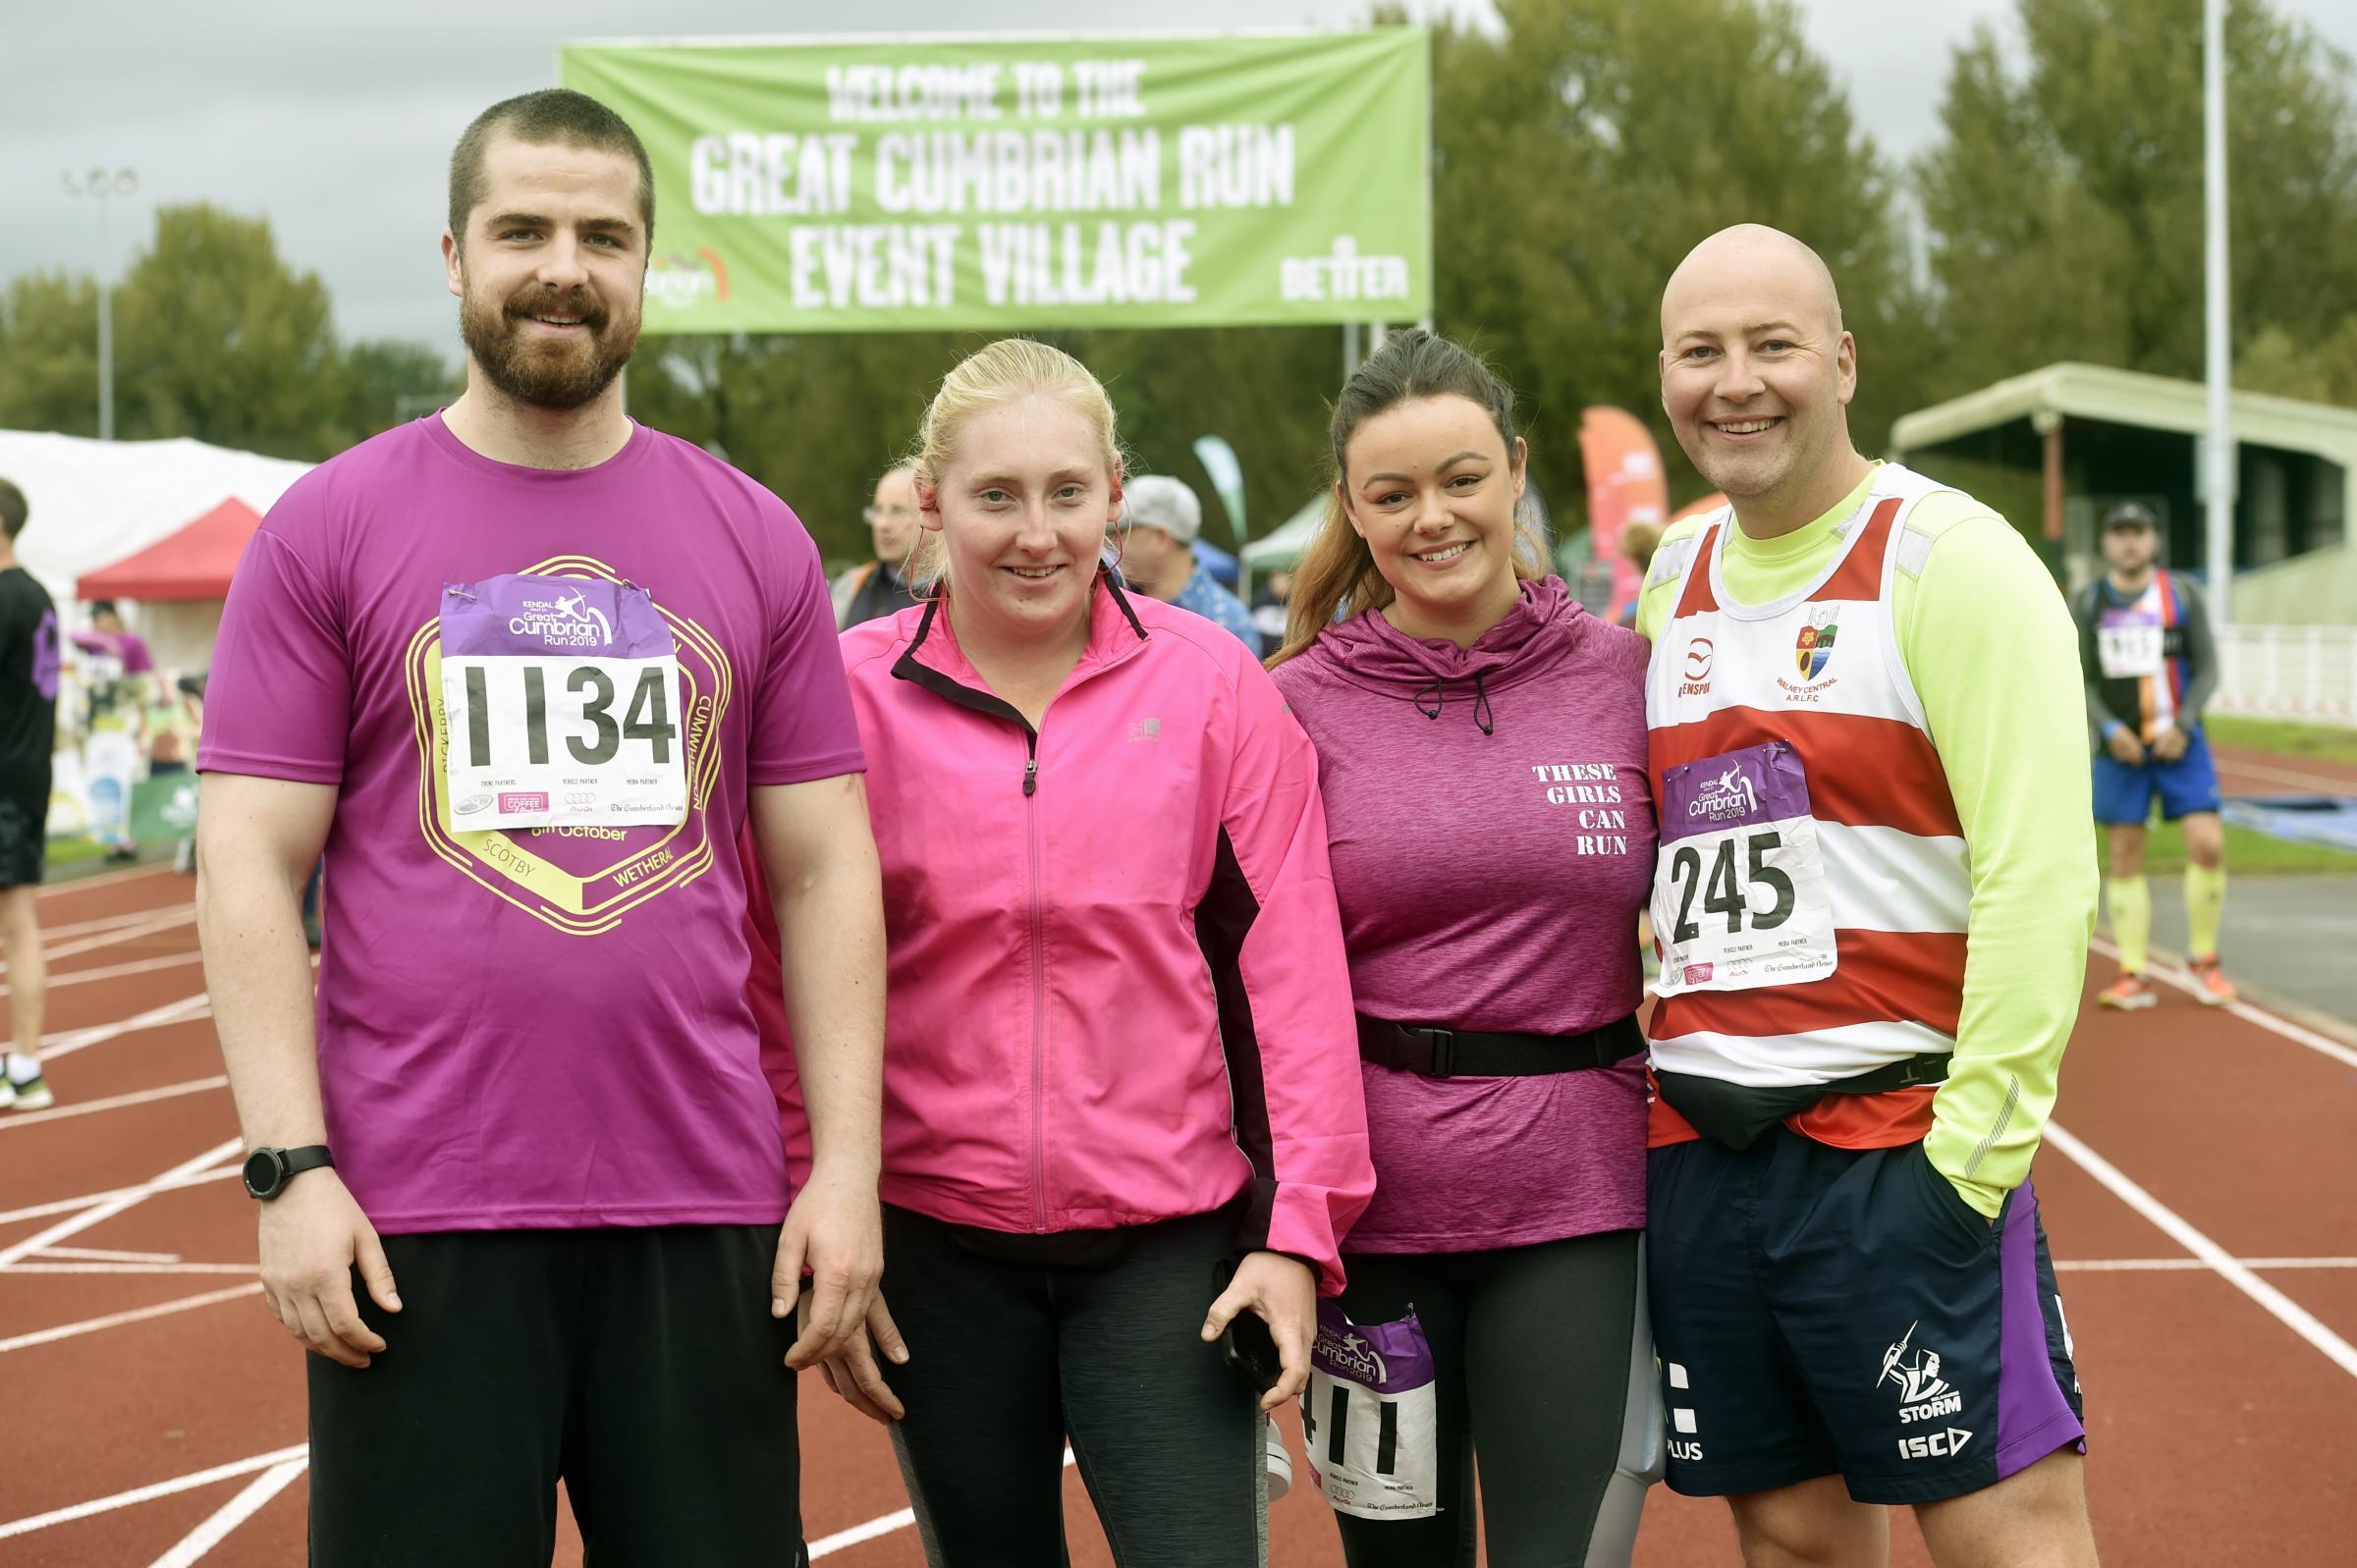 Praise for Cumbrian Run